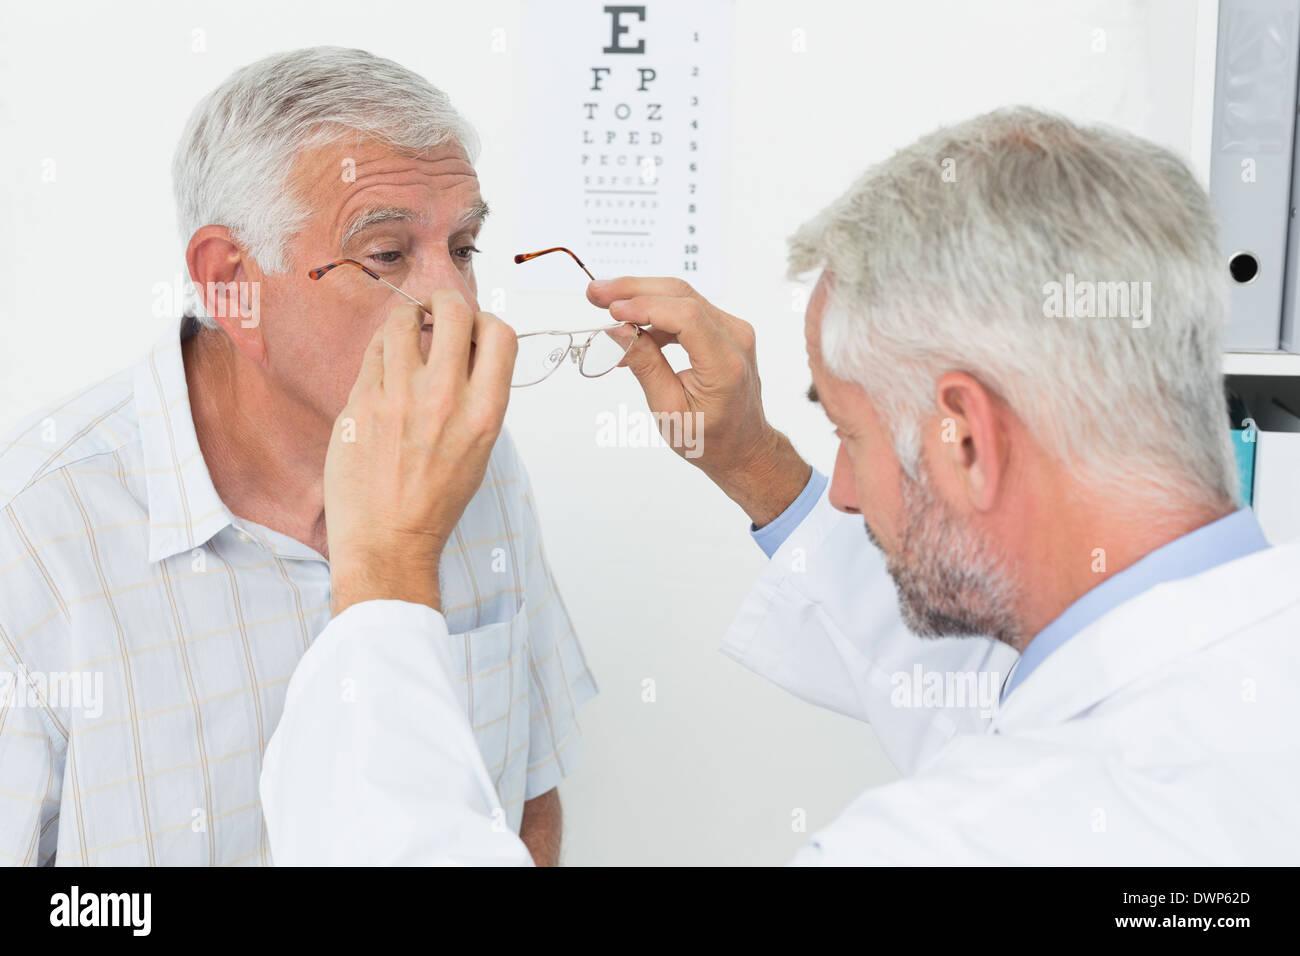 f034c88777 L'homme portant des lunettes après la prise d'examen de la vue au